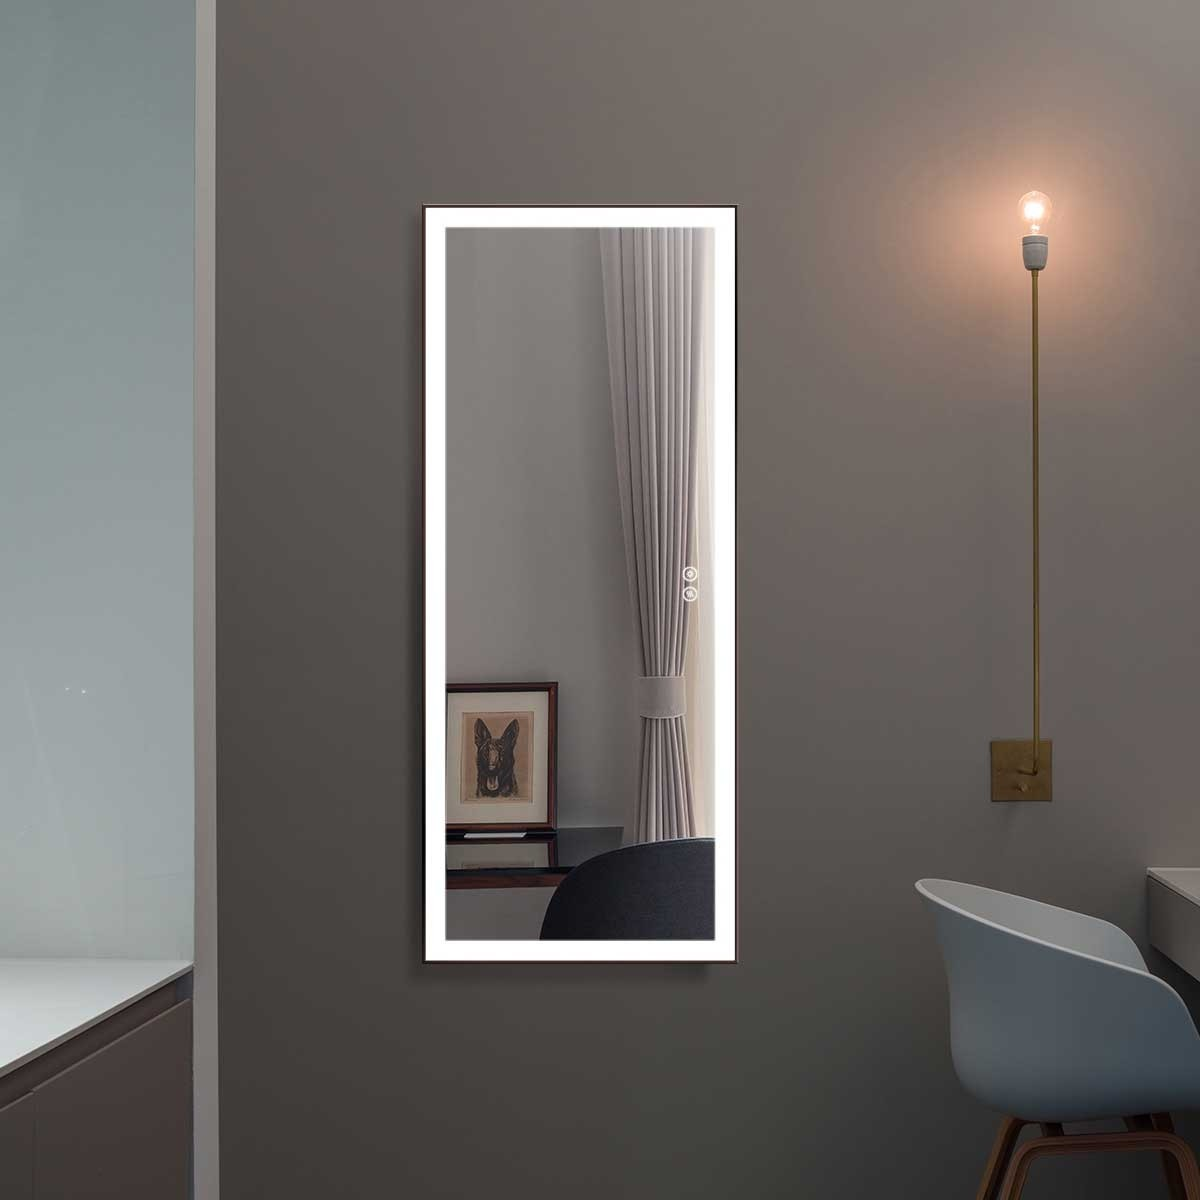 DECORAPORT 48 x 20 Po Miroir Chambre LED Pleine Longueur avec Bouton Tactile, Cadre noir, Luminosité Réglable, Lumière Froid & Chaud (DJ2-4820-B)